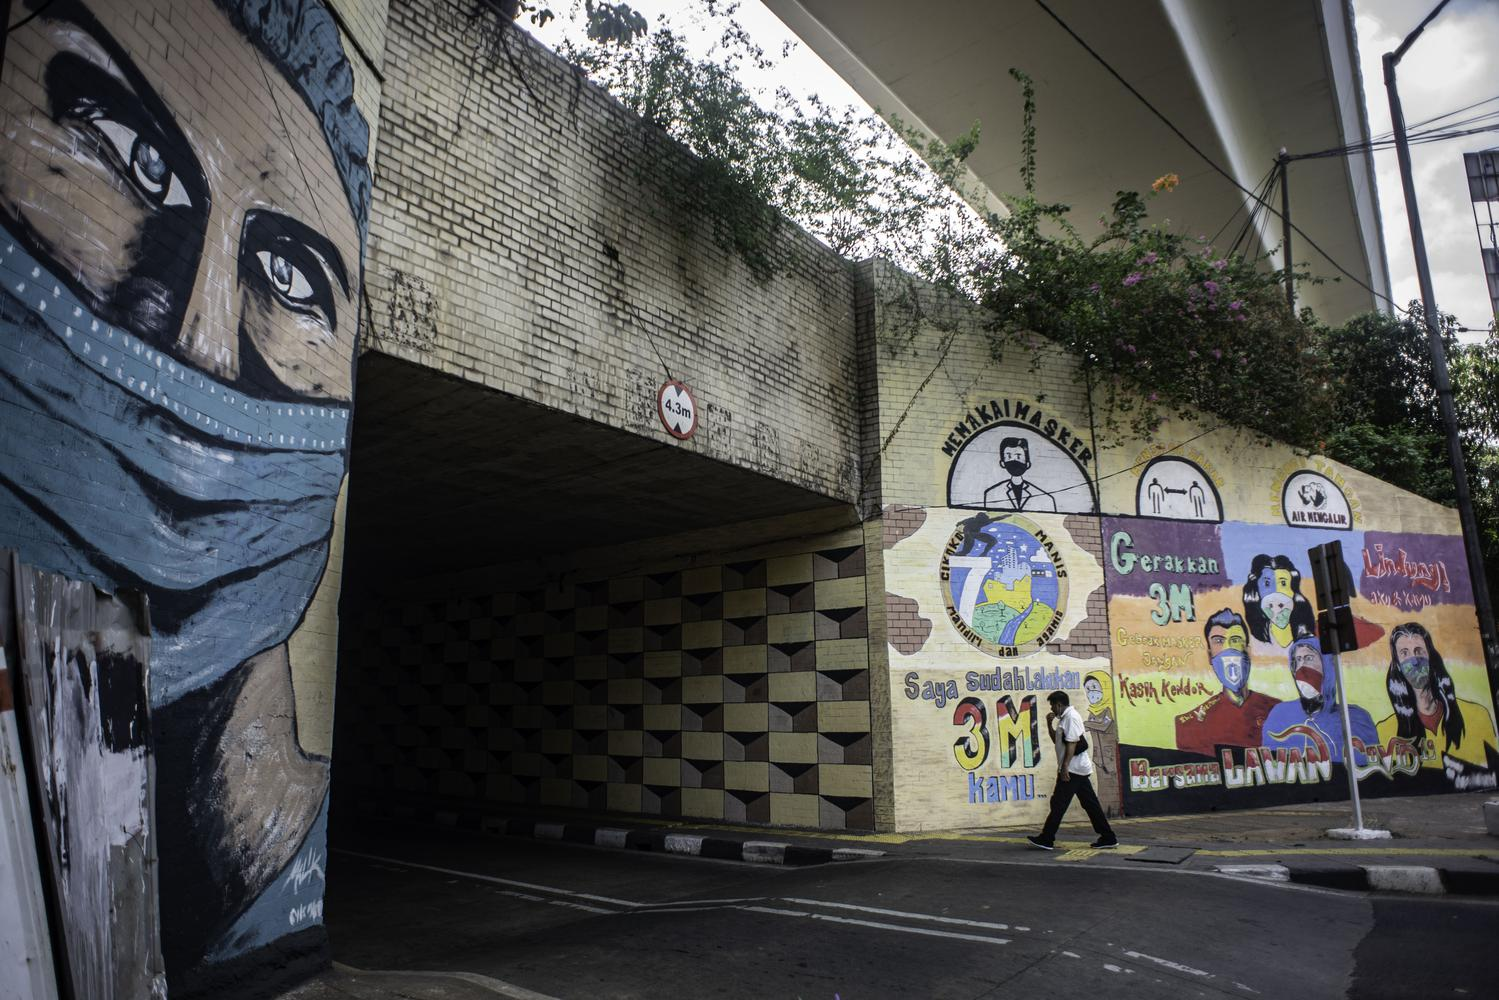 Warga berjalan di dekat mural berisi pesan ajakan menggunakan masker di Cikoko, Pancoran, Jakarta, Jumat (2/10/2020). Mural tersebut dibuat untuk mengingatkan masyarakat agar menerapkan protokol kesehatan saat beraktivitas karena masih tingginya angka kasus COVID-19 secara nasional.